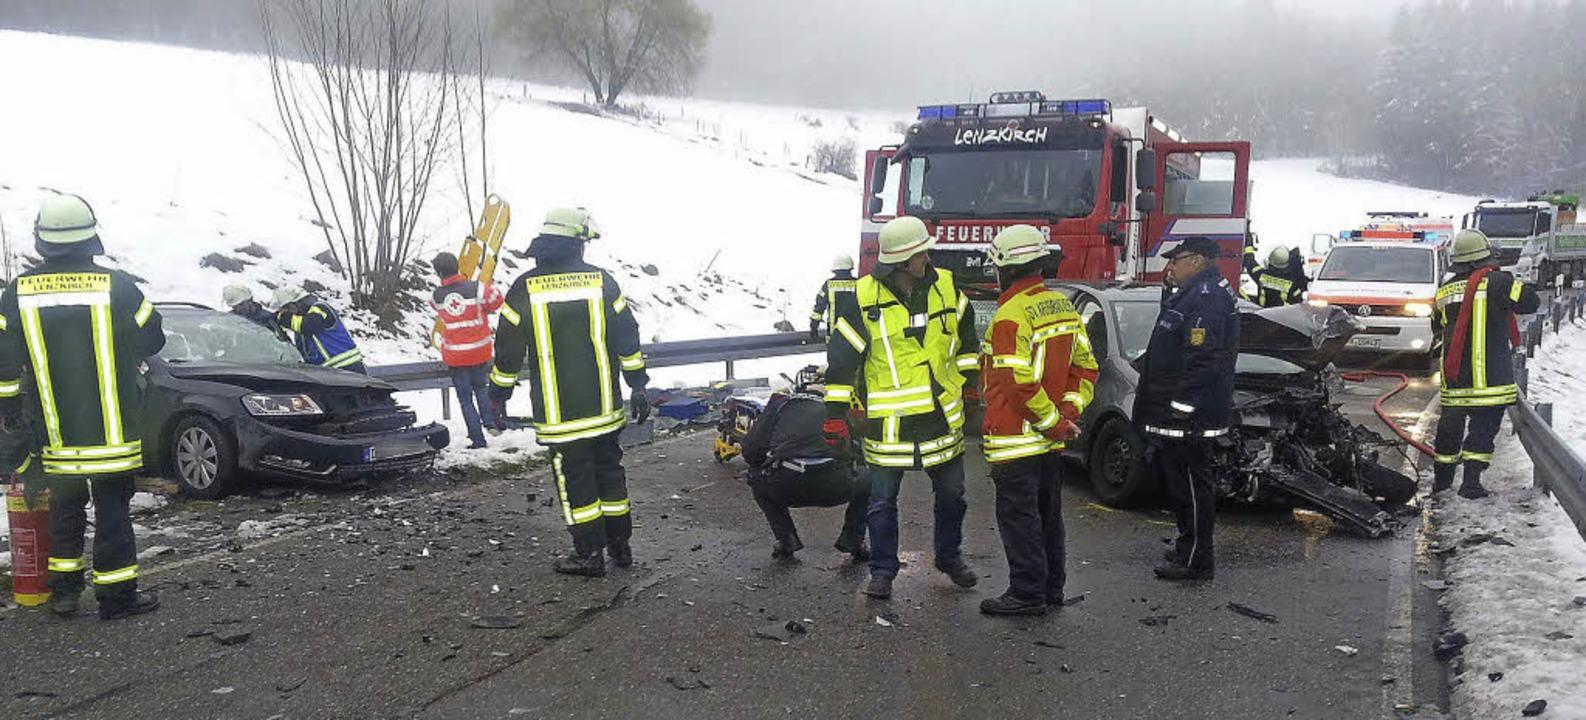 Zwei Autos mit Totalschaden und  zwei ...ontalkollision am Mittwochnachmittag.   | Foto: Martin Ganz / Kamera24